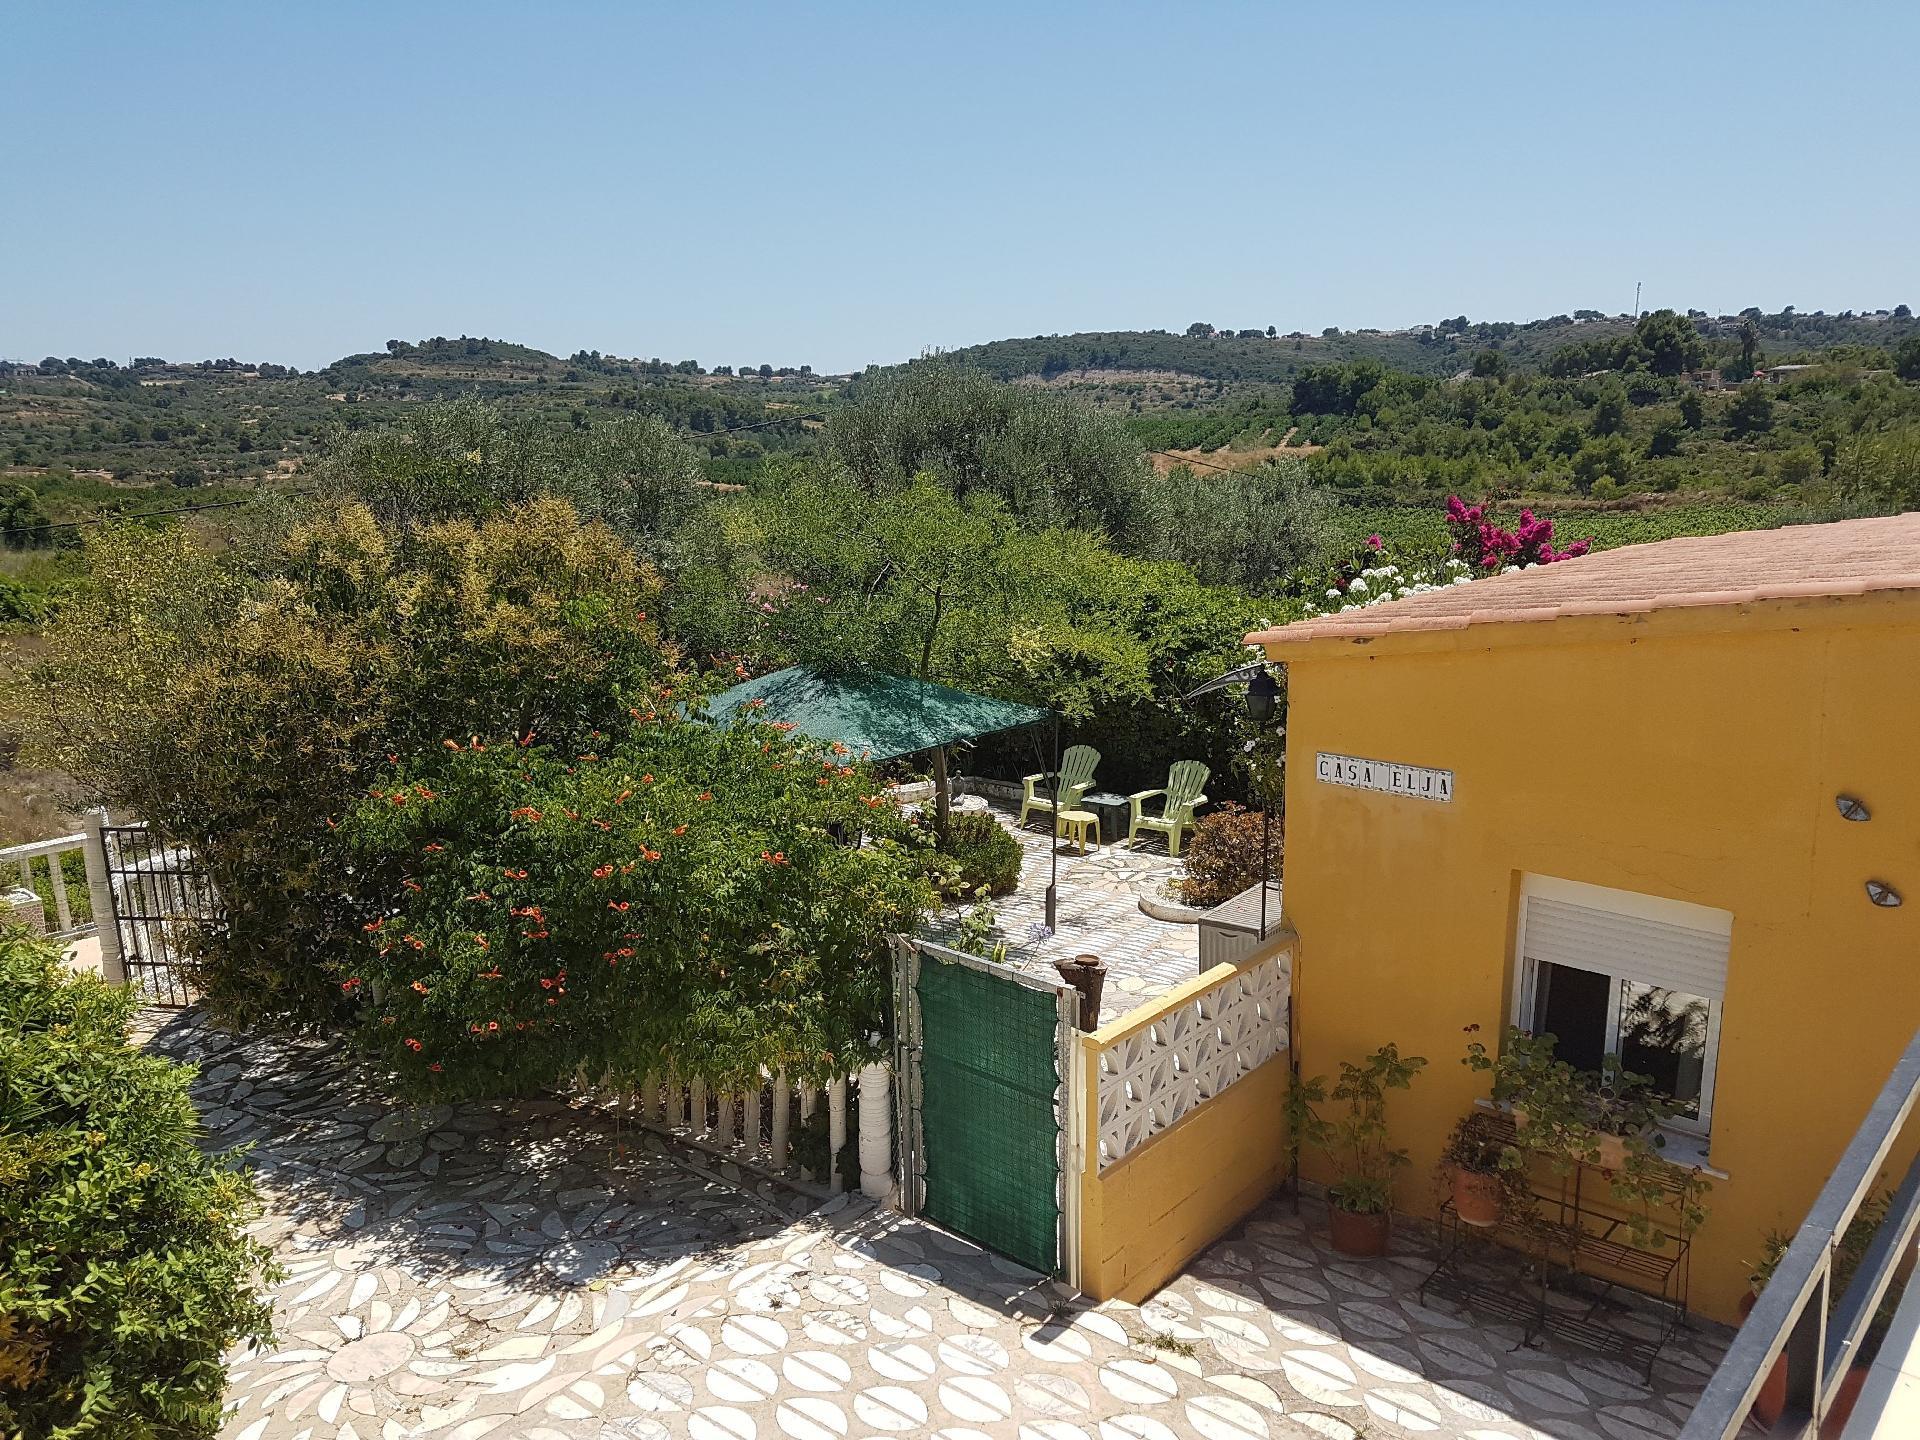 Ferienhaus für 4 Personen ca. 50 m² in T